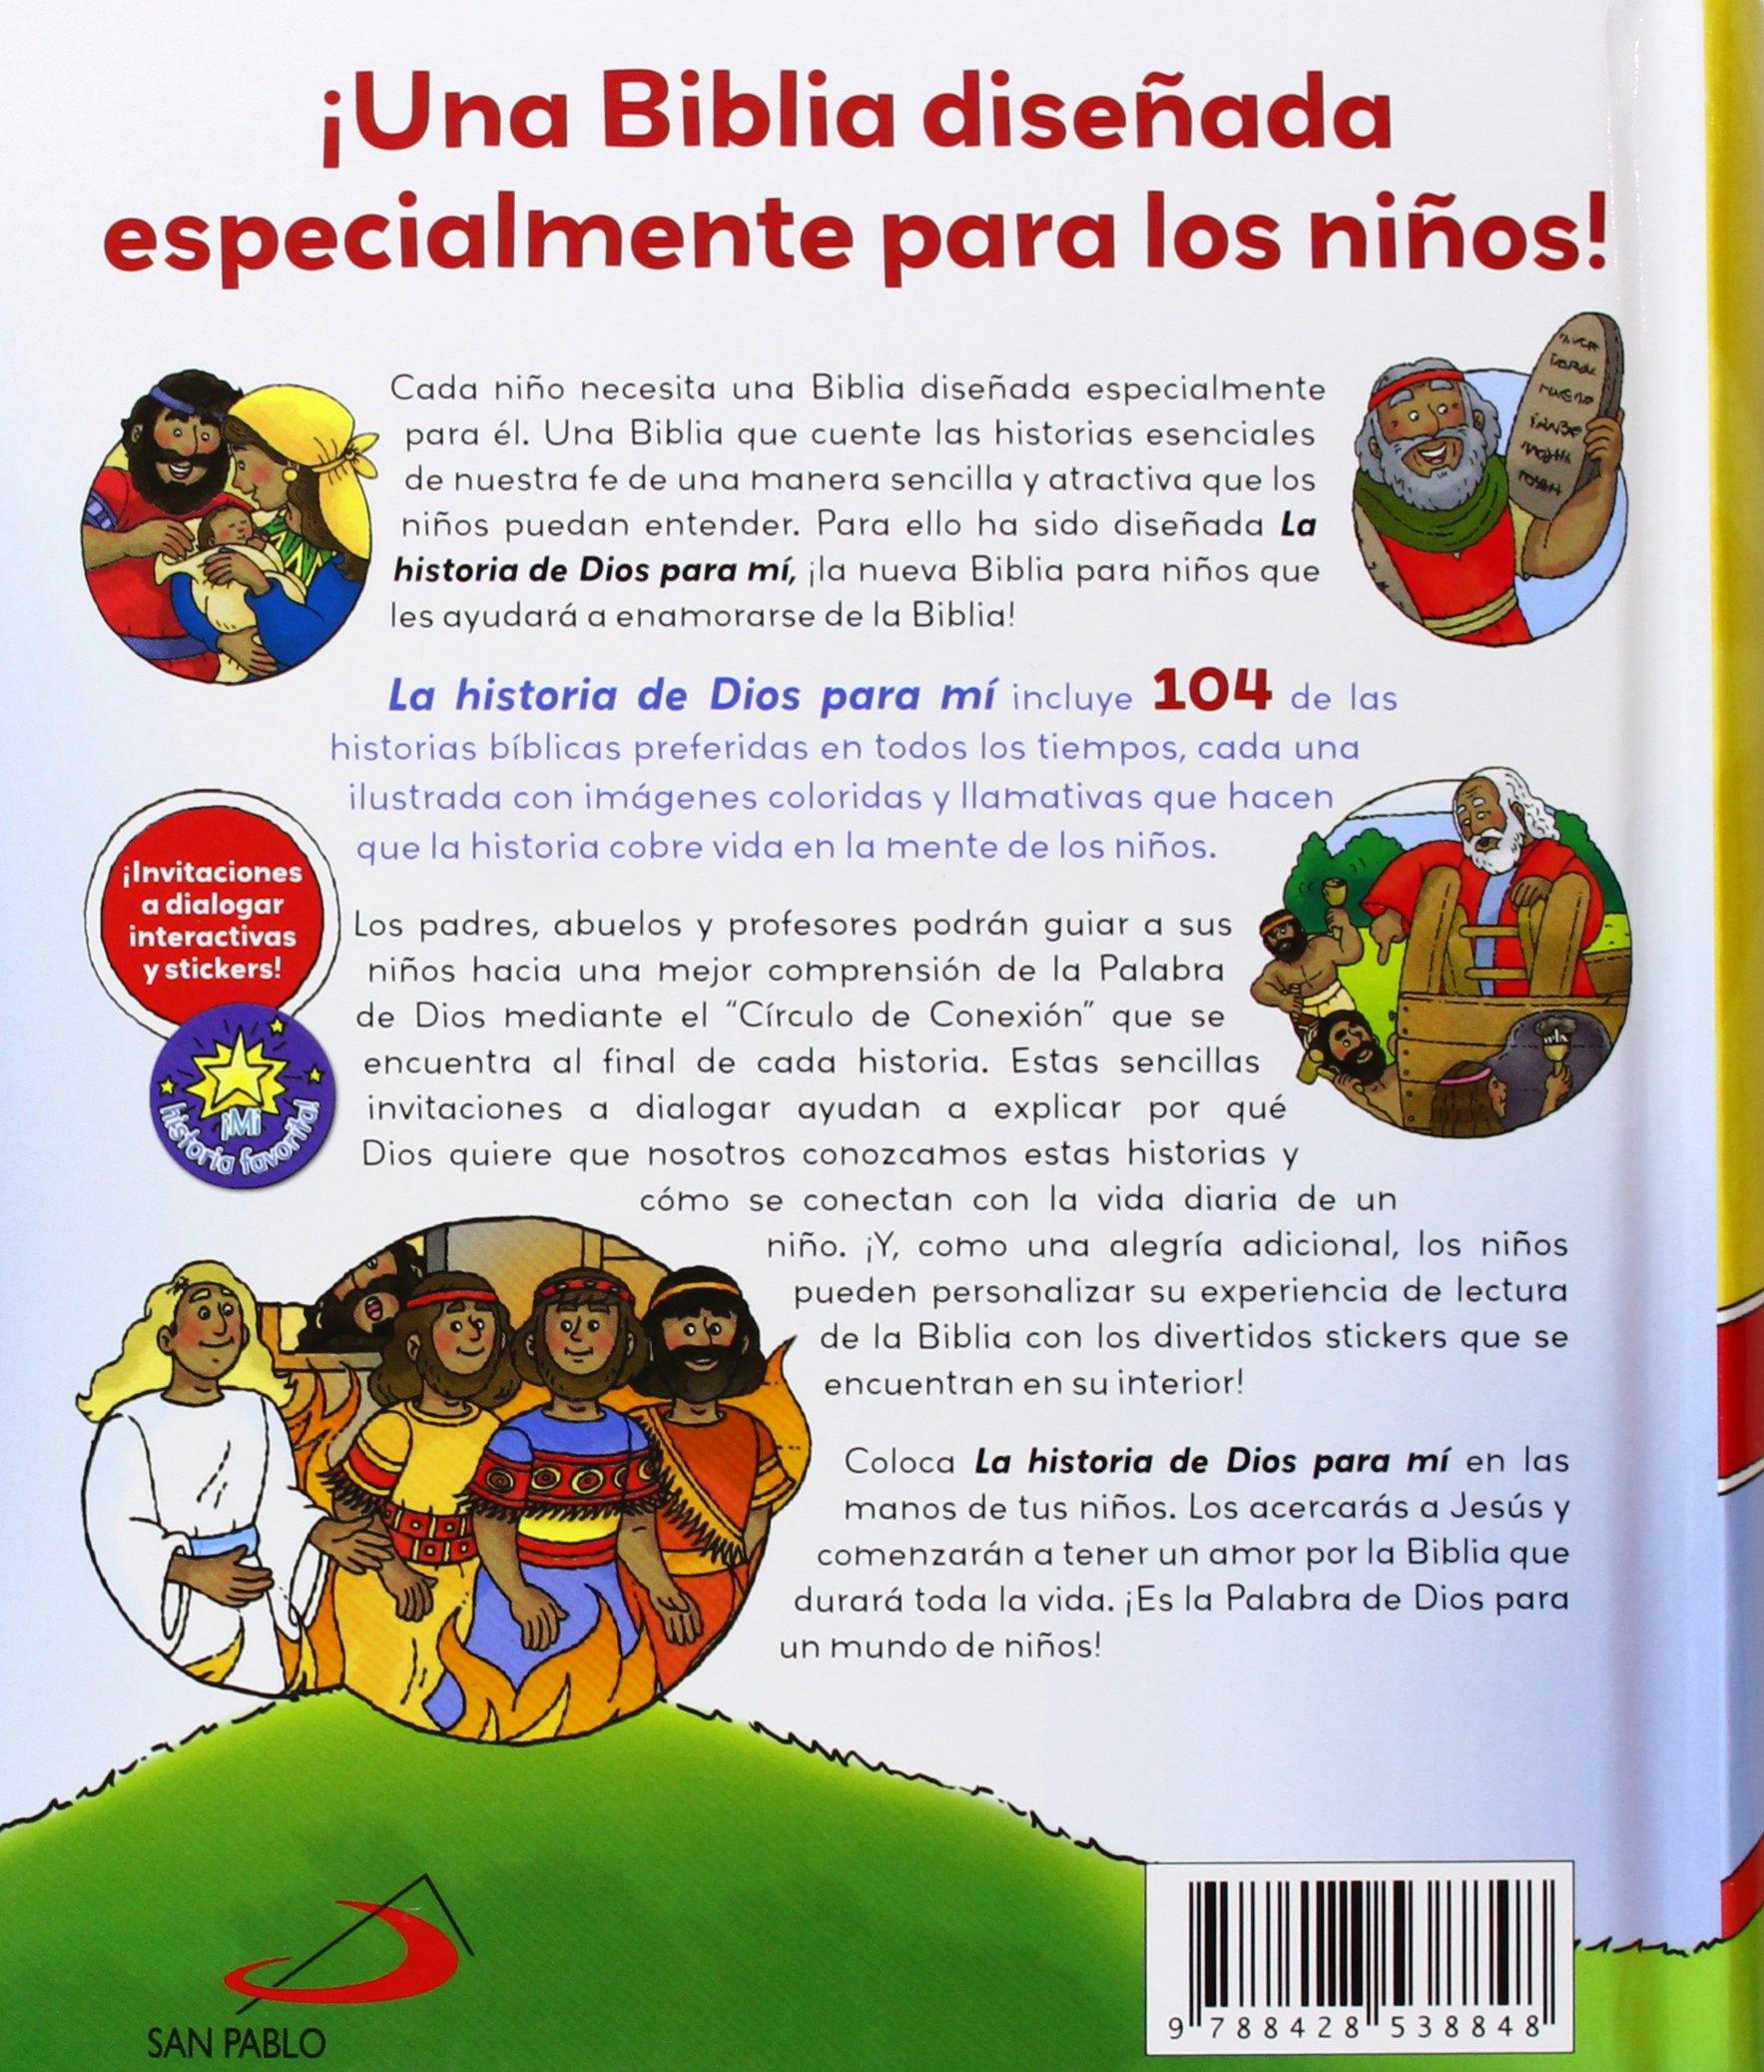 La Historia De Dios Para Mí (La Biblia y los niños): Amazon.es: Omar Asdrúbal León Carreño, Cheril Nobens, Andrés Leal Cortés: Libros